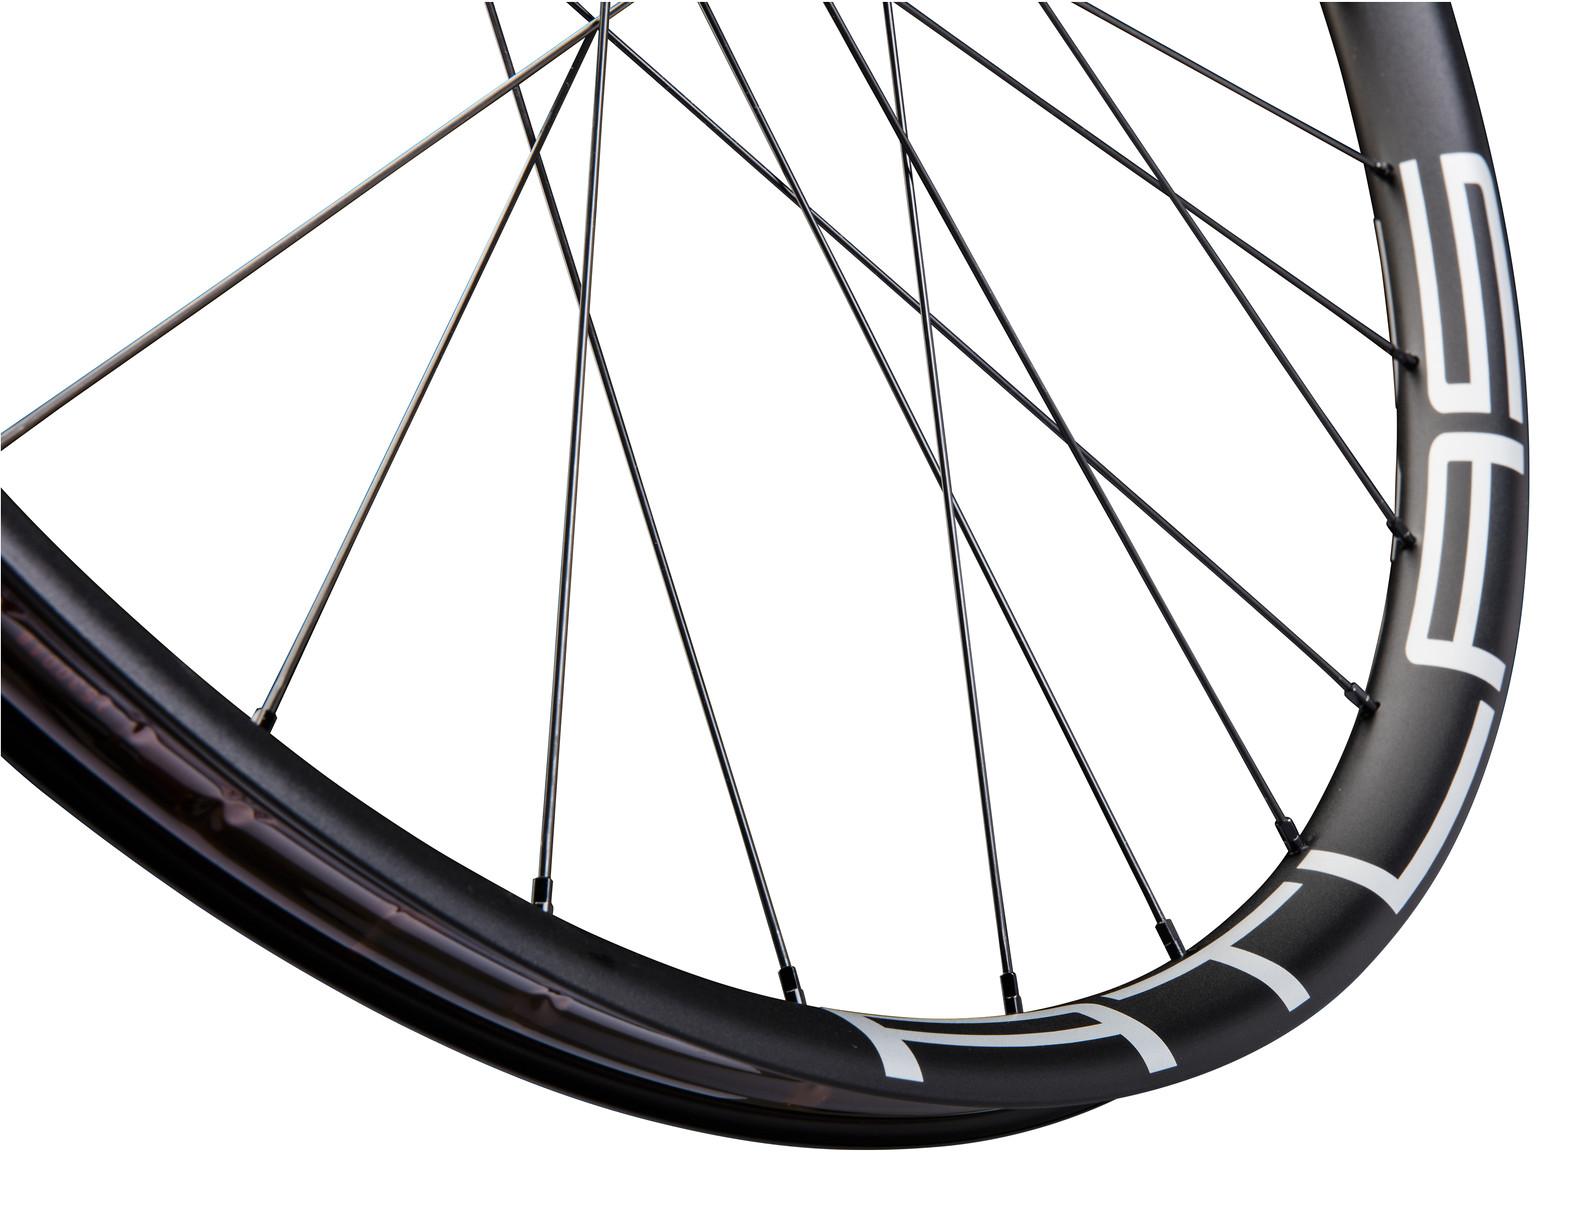 New Race Face Atlas DH//MTB Bike Platform Pedals Black